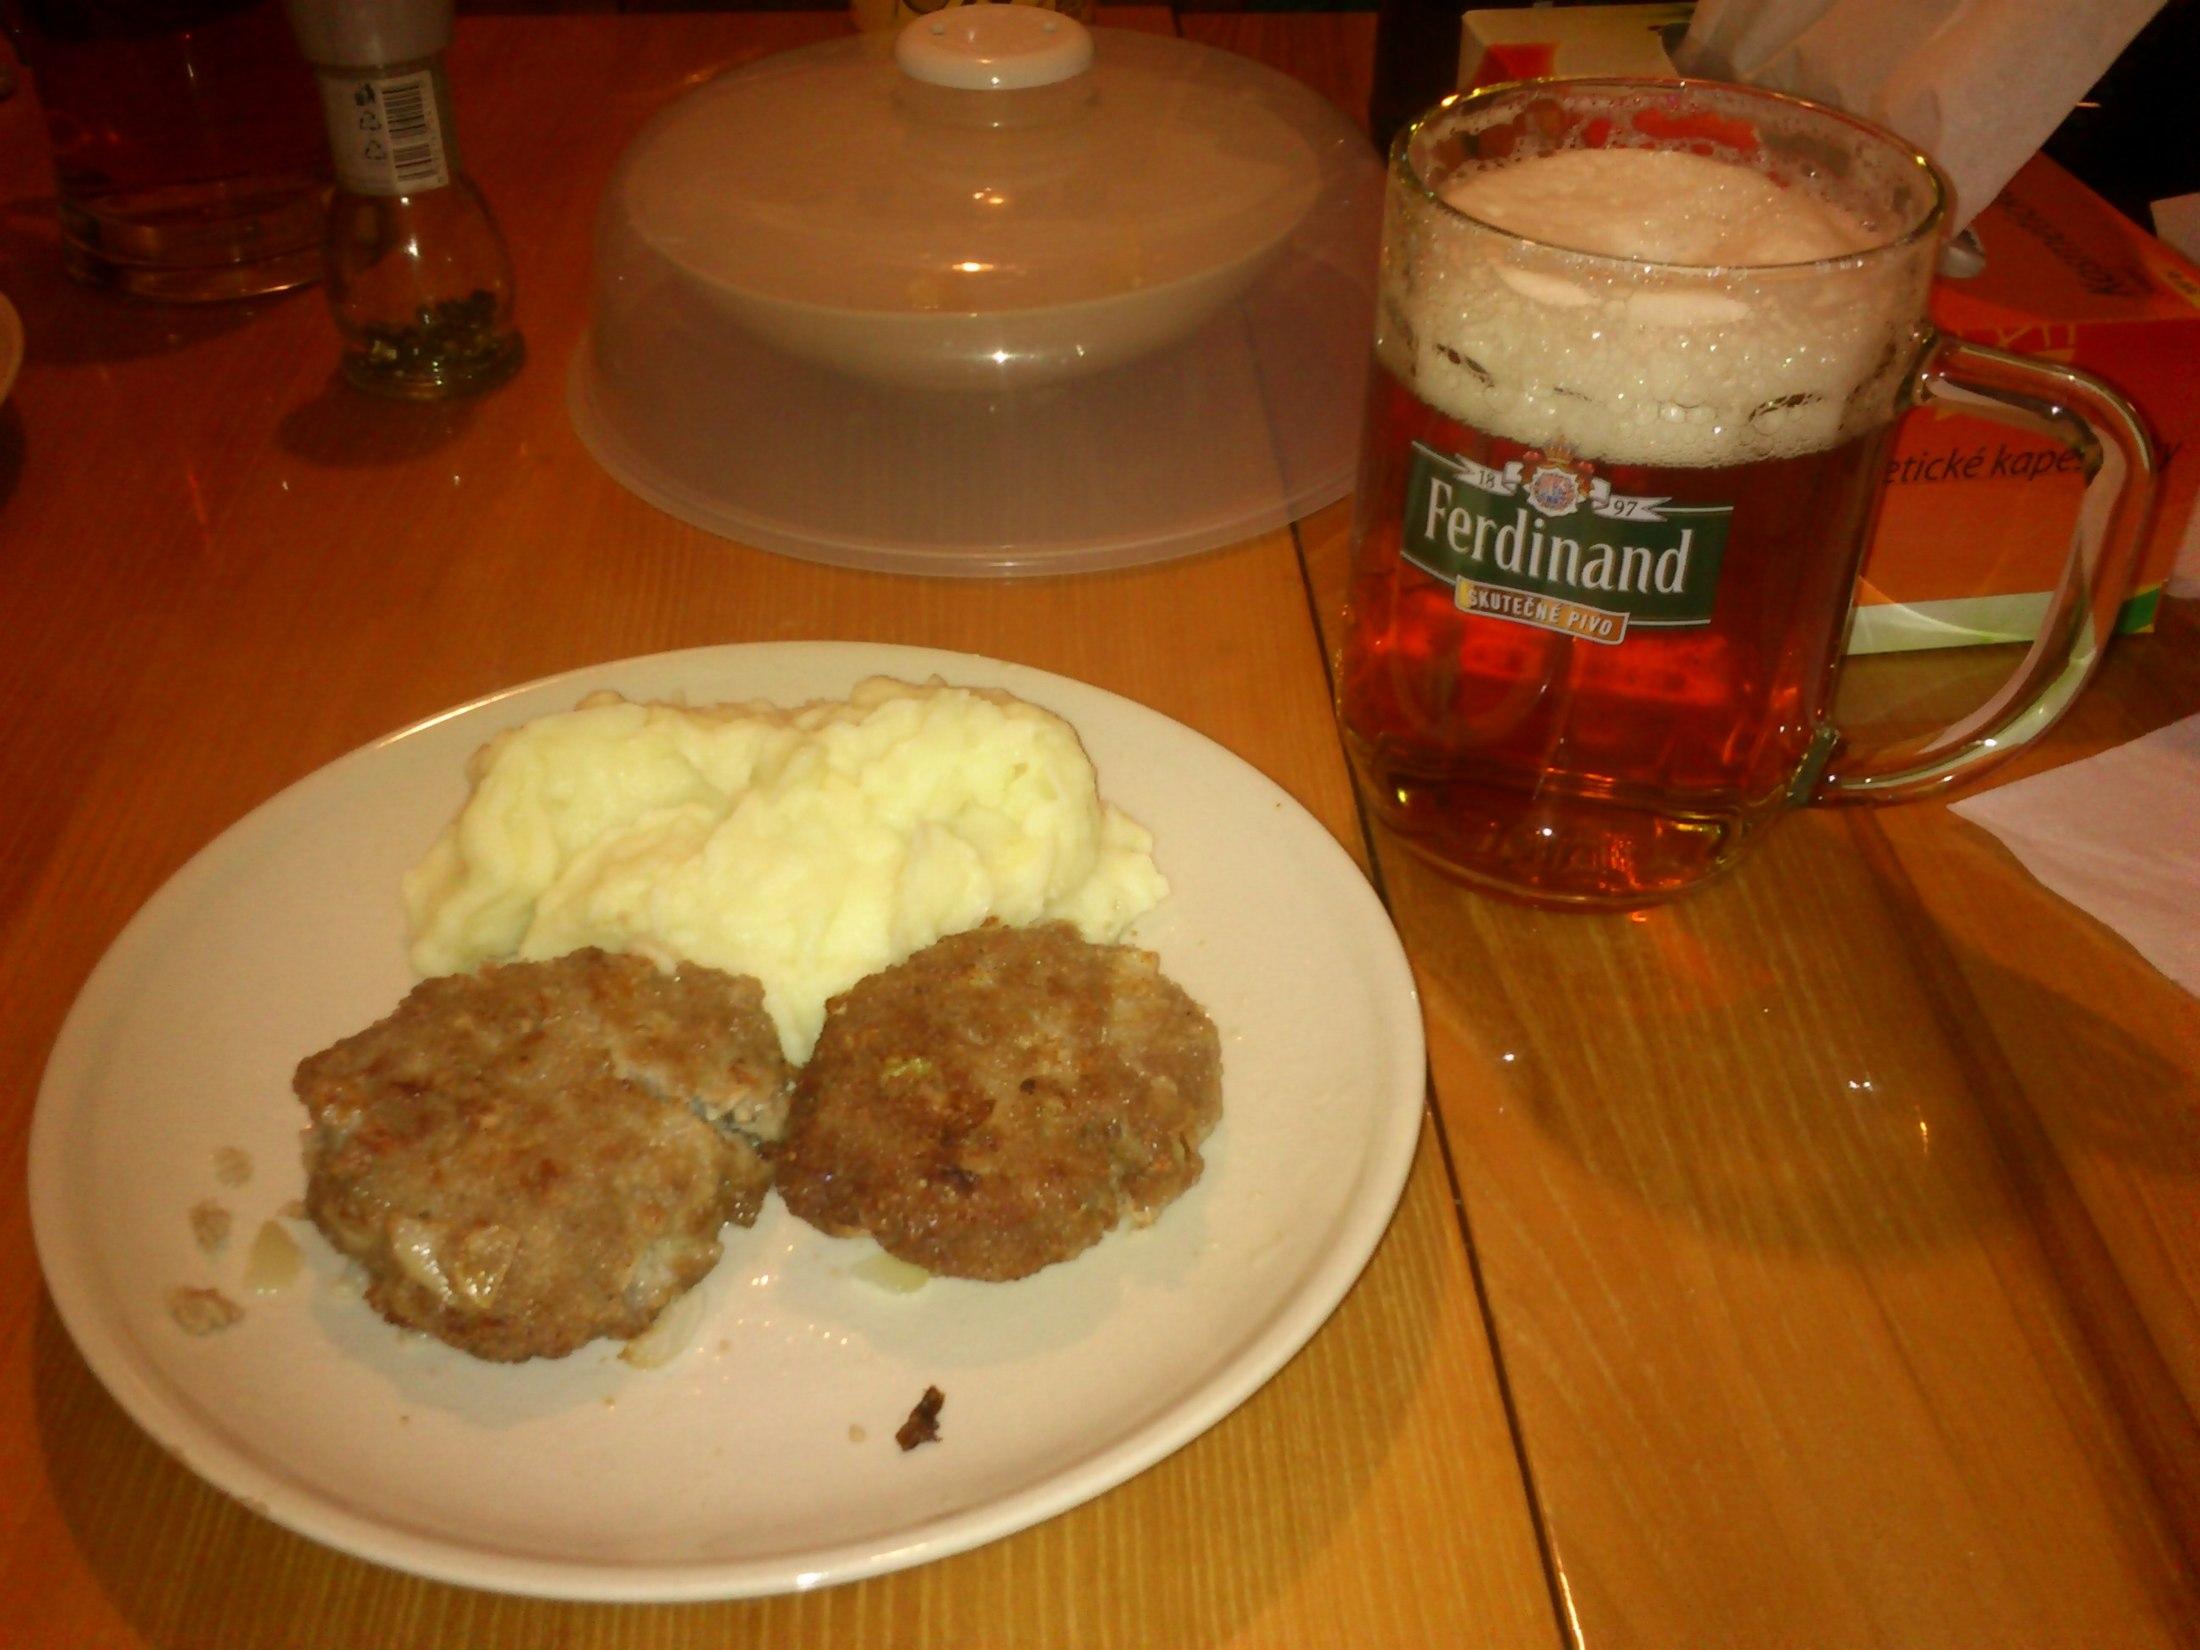 Recept Smažené karbanátky - Karbanátky, bramborová kaše, pivo... mohu jen doporučit :)